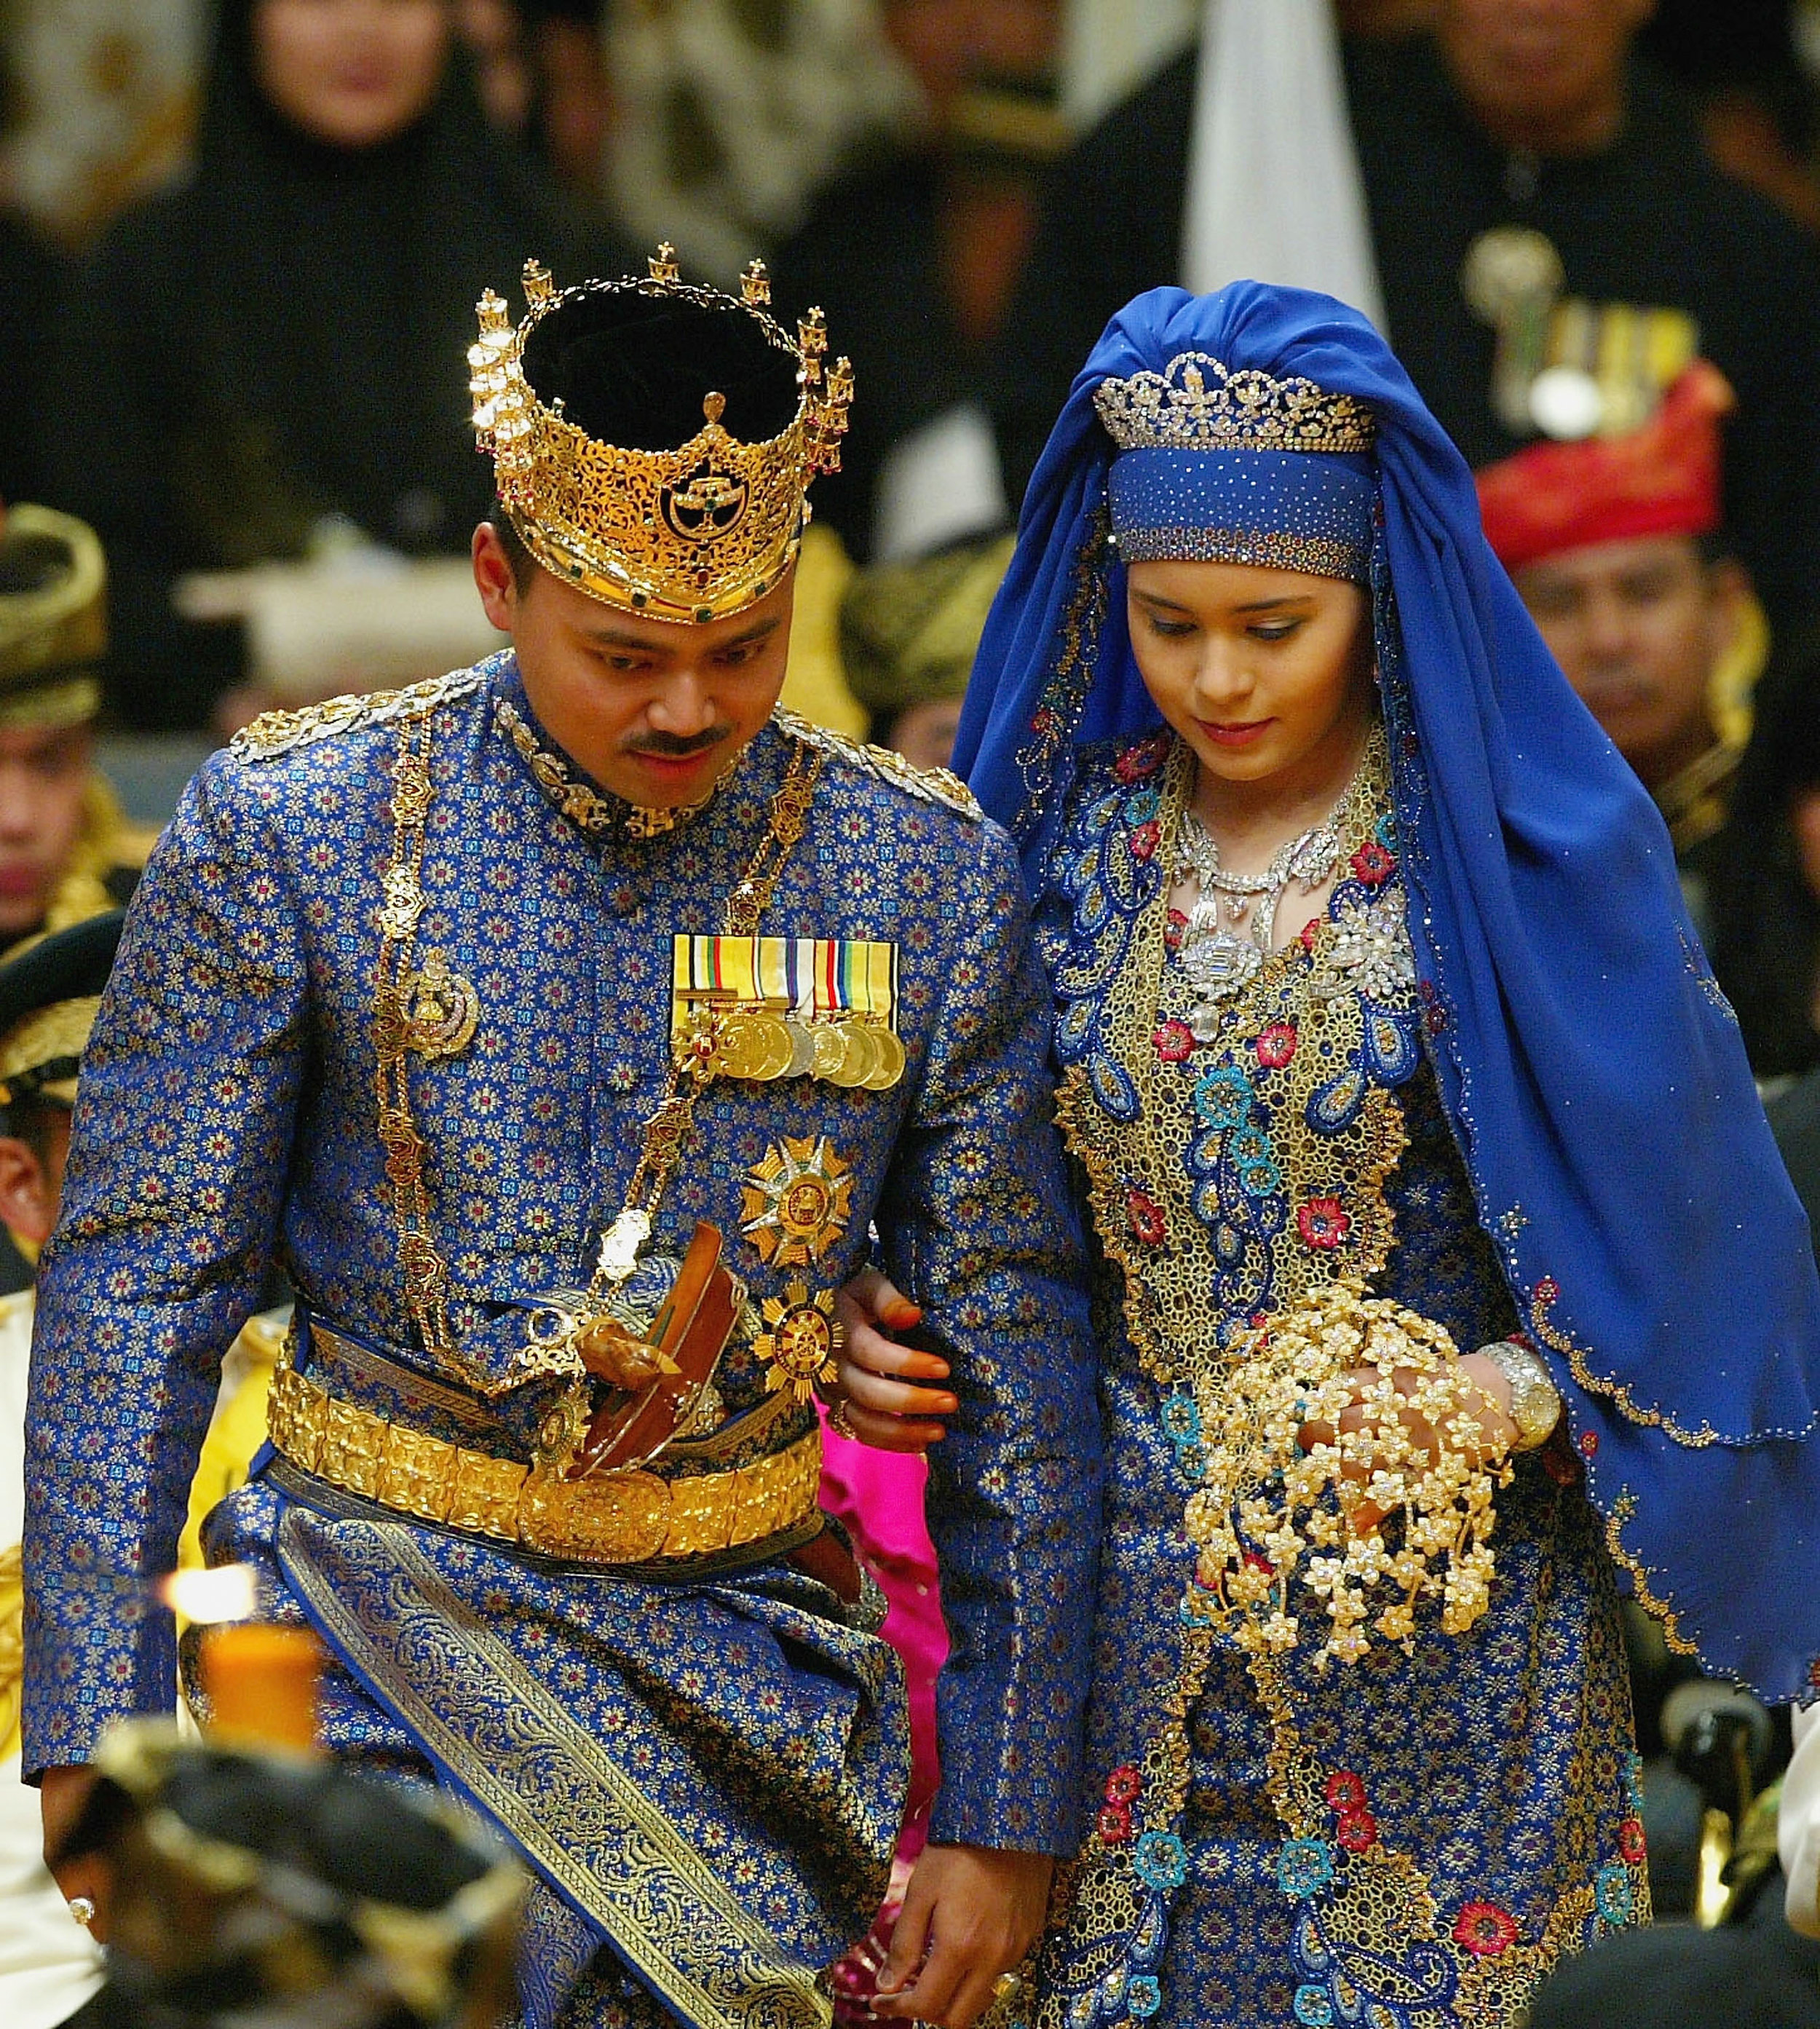 Am 9. September 2004 heirateten Kronprinz Al-Muhtadee Billah von Brunei und seine Sarah. Nur sechs Monate später erblickte ihr Sohn das Licht der Welt. Heute hat das Paar vier Kinder.  ©Getty Images